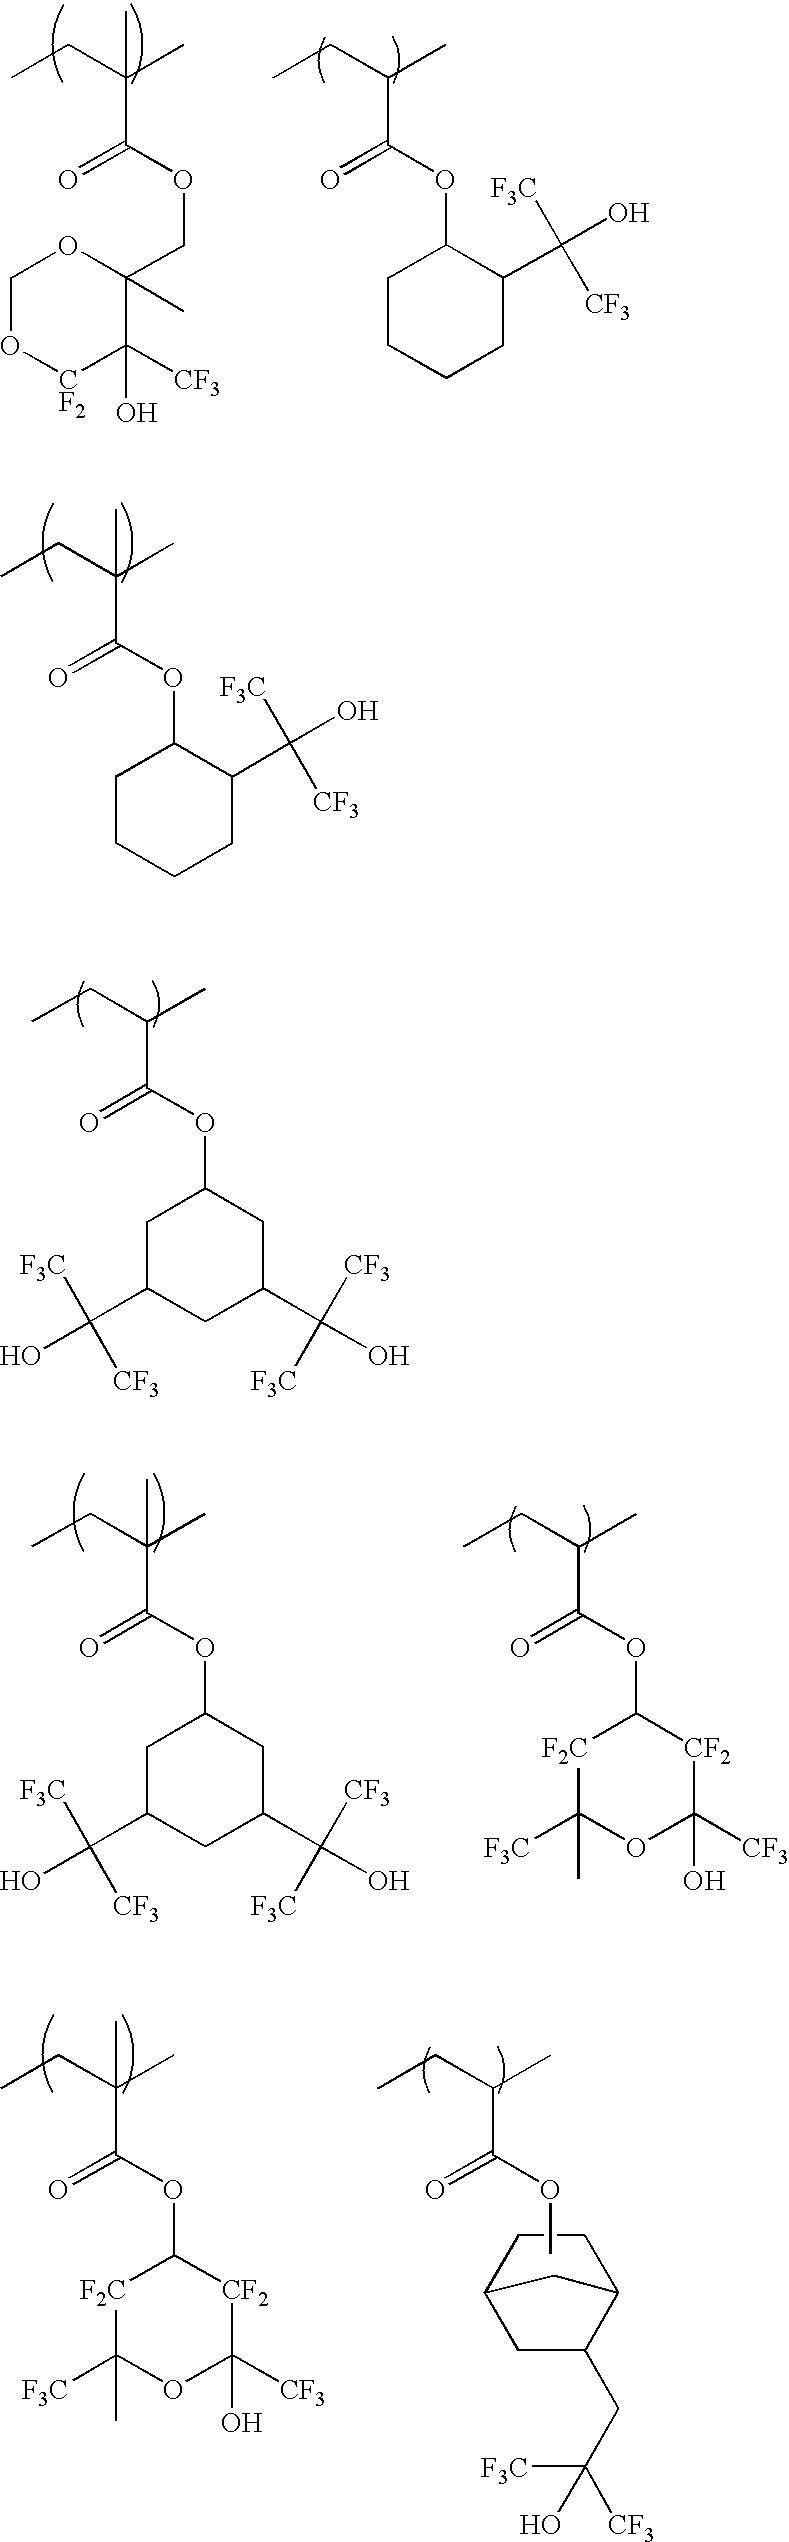 Figure US20090280434A1-20091112-C00034